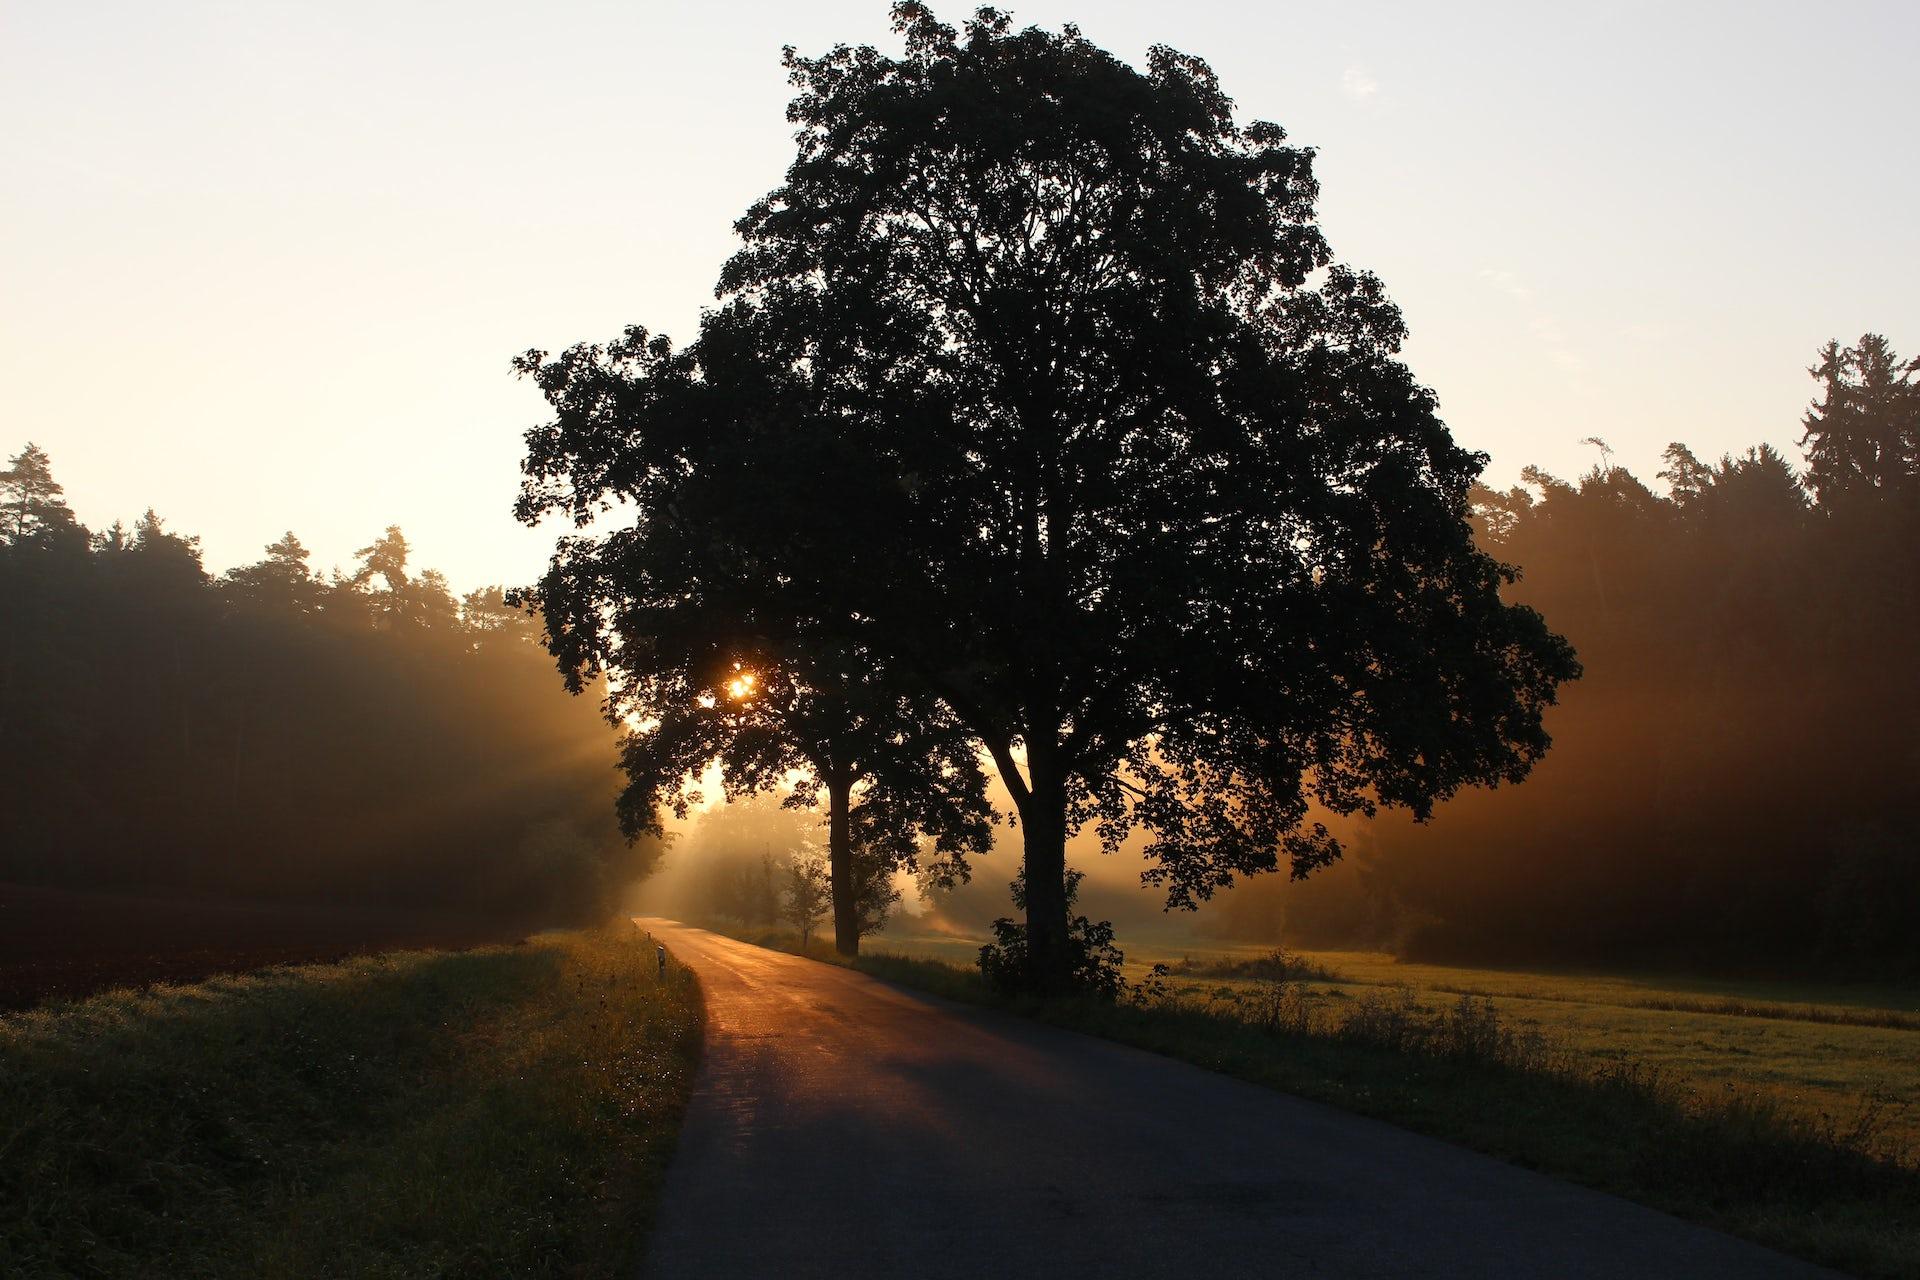 Qu'est-ce qui fait qu'un arbre est un arbre ?